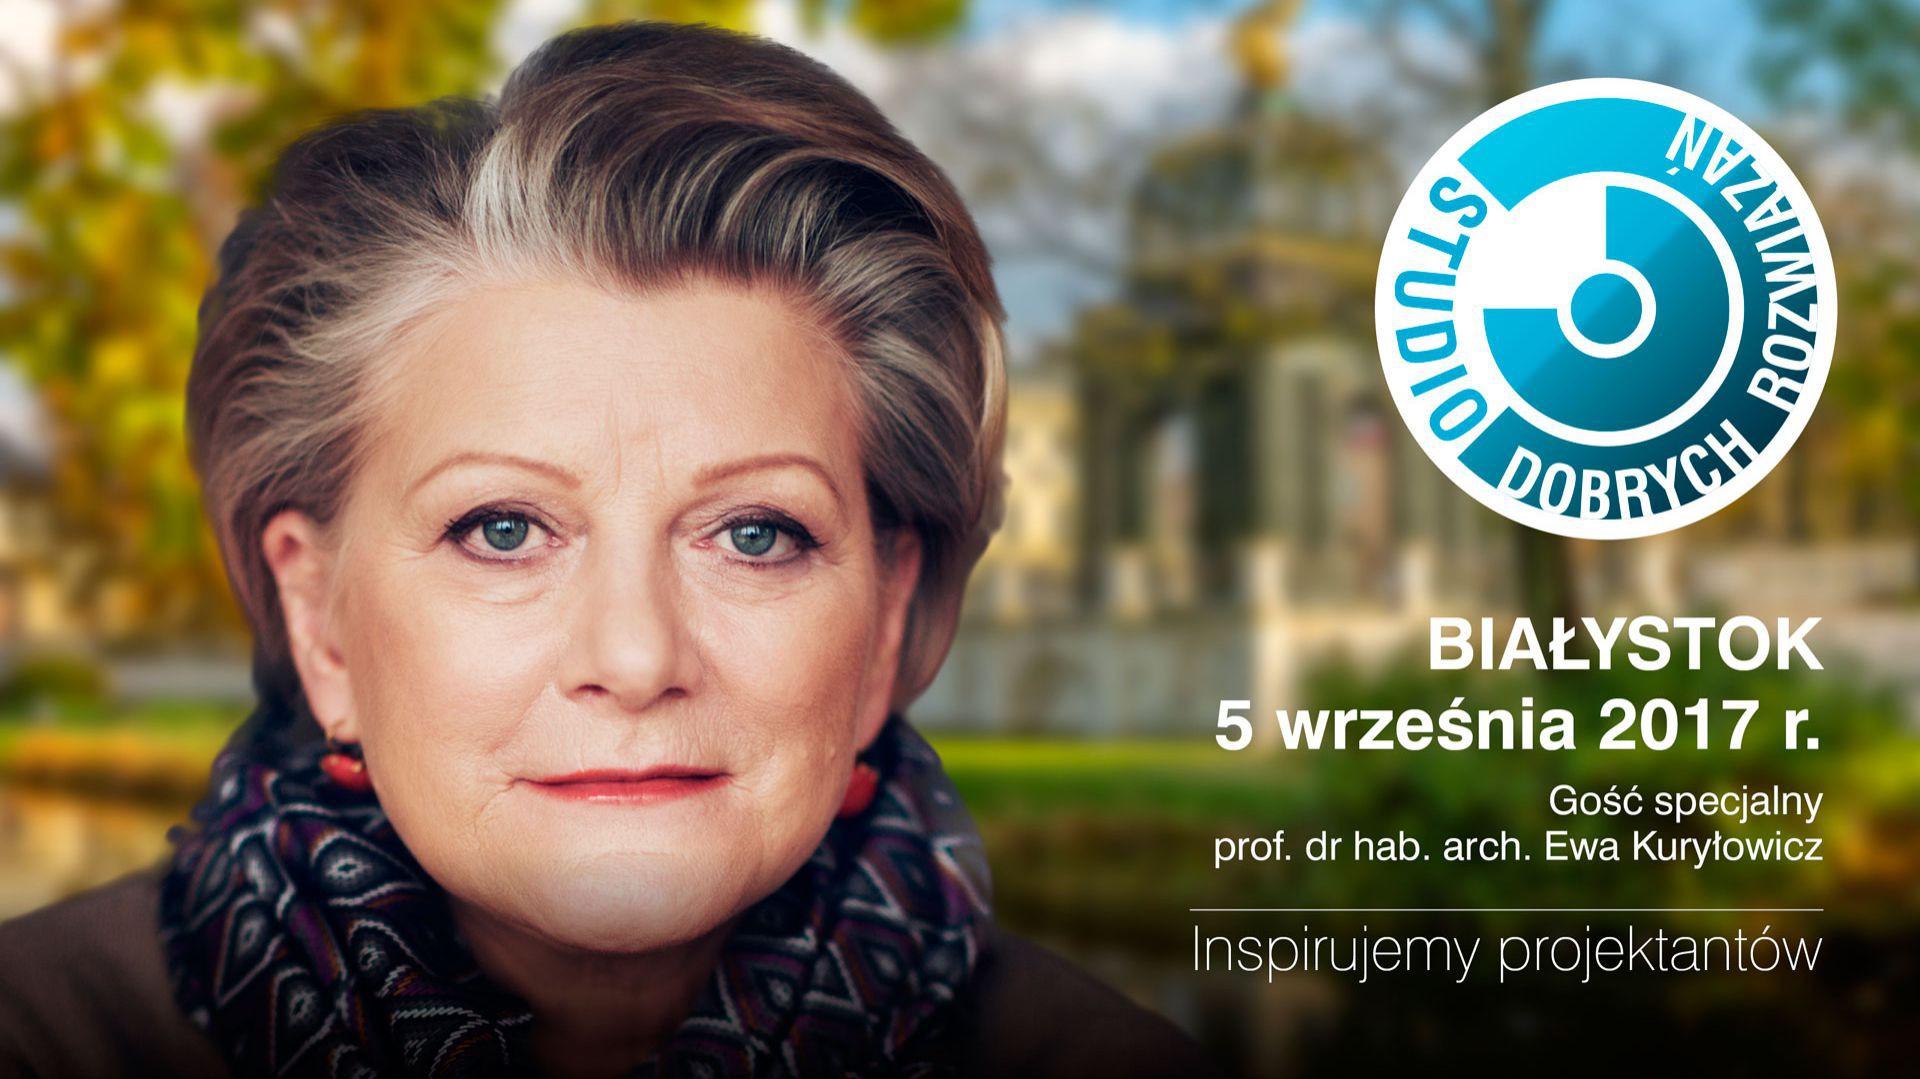 Ewa Kuryłowicz będzie gościem Studia Dobrych Rozwiązań w Białymstoku.